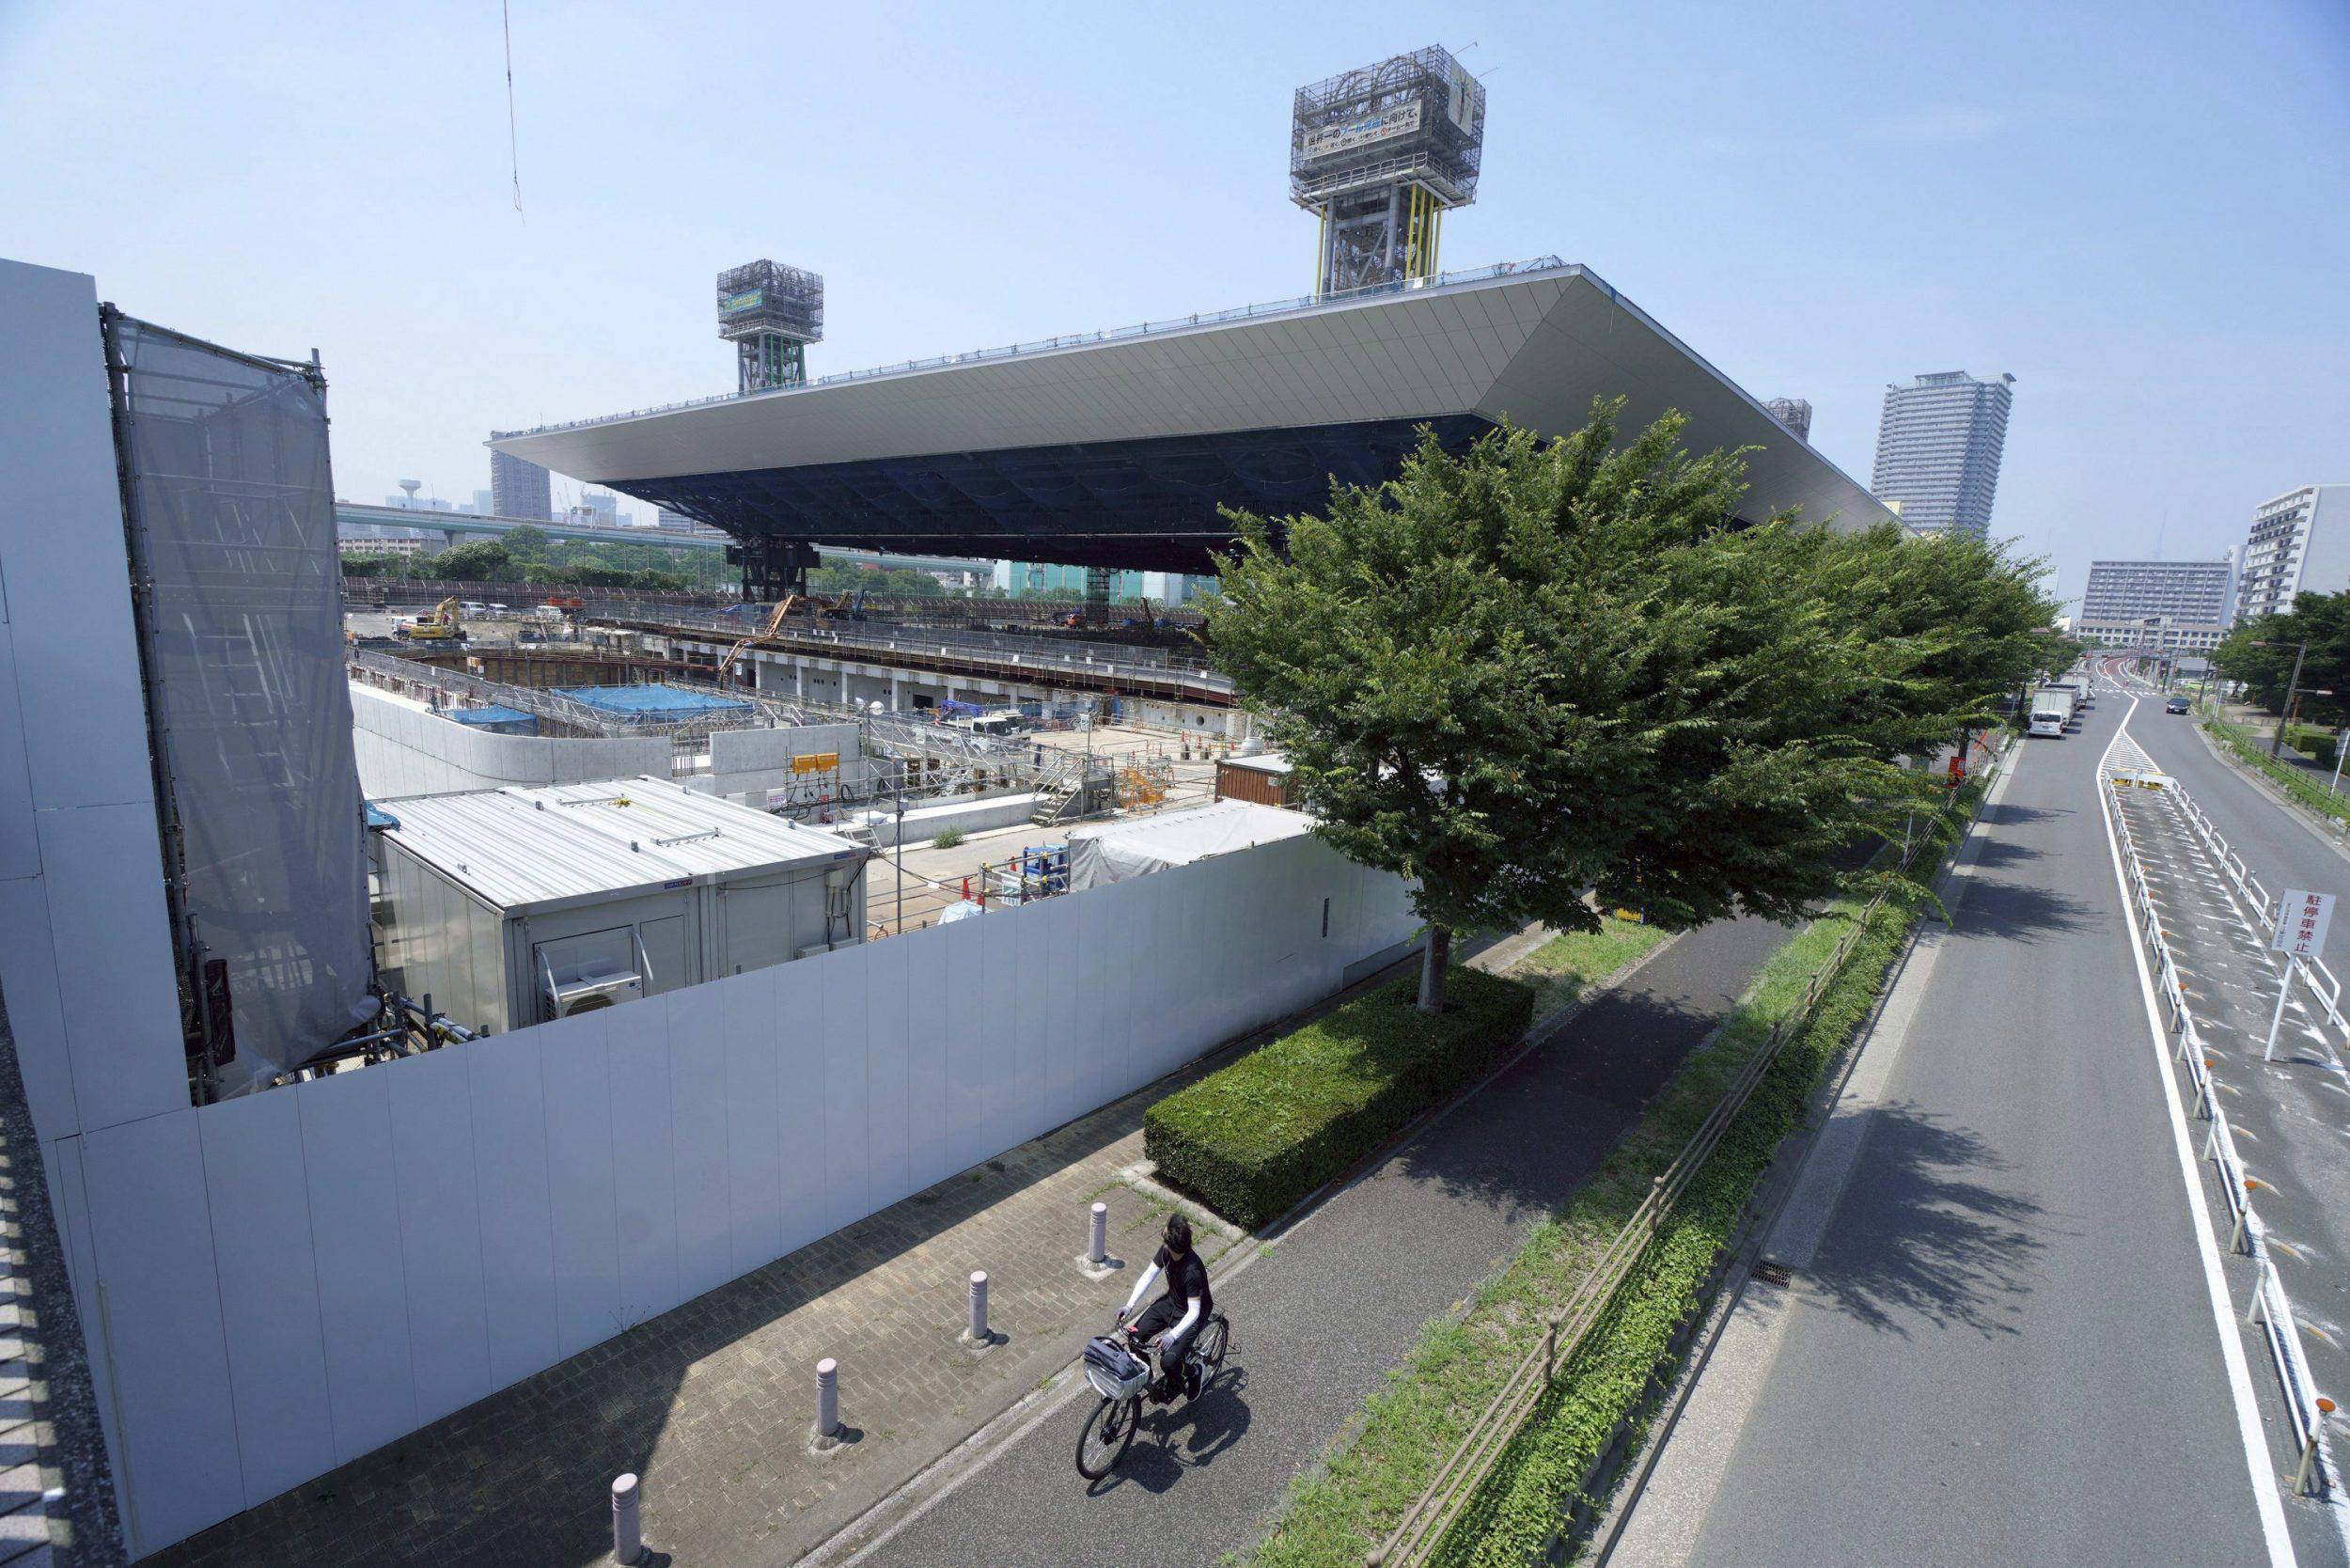 Scenic of Tokyo Aquatics Centre